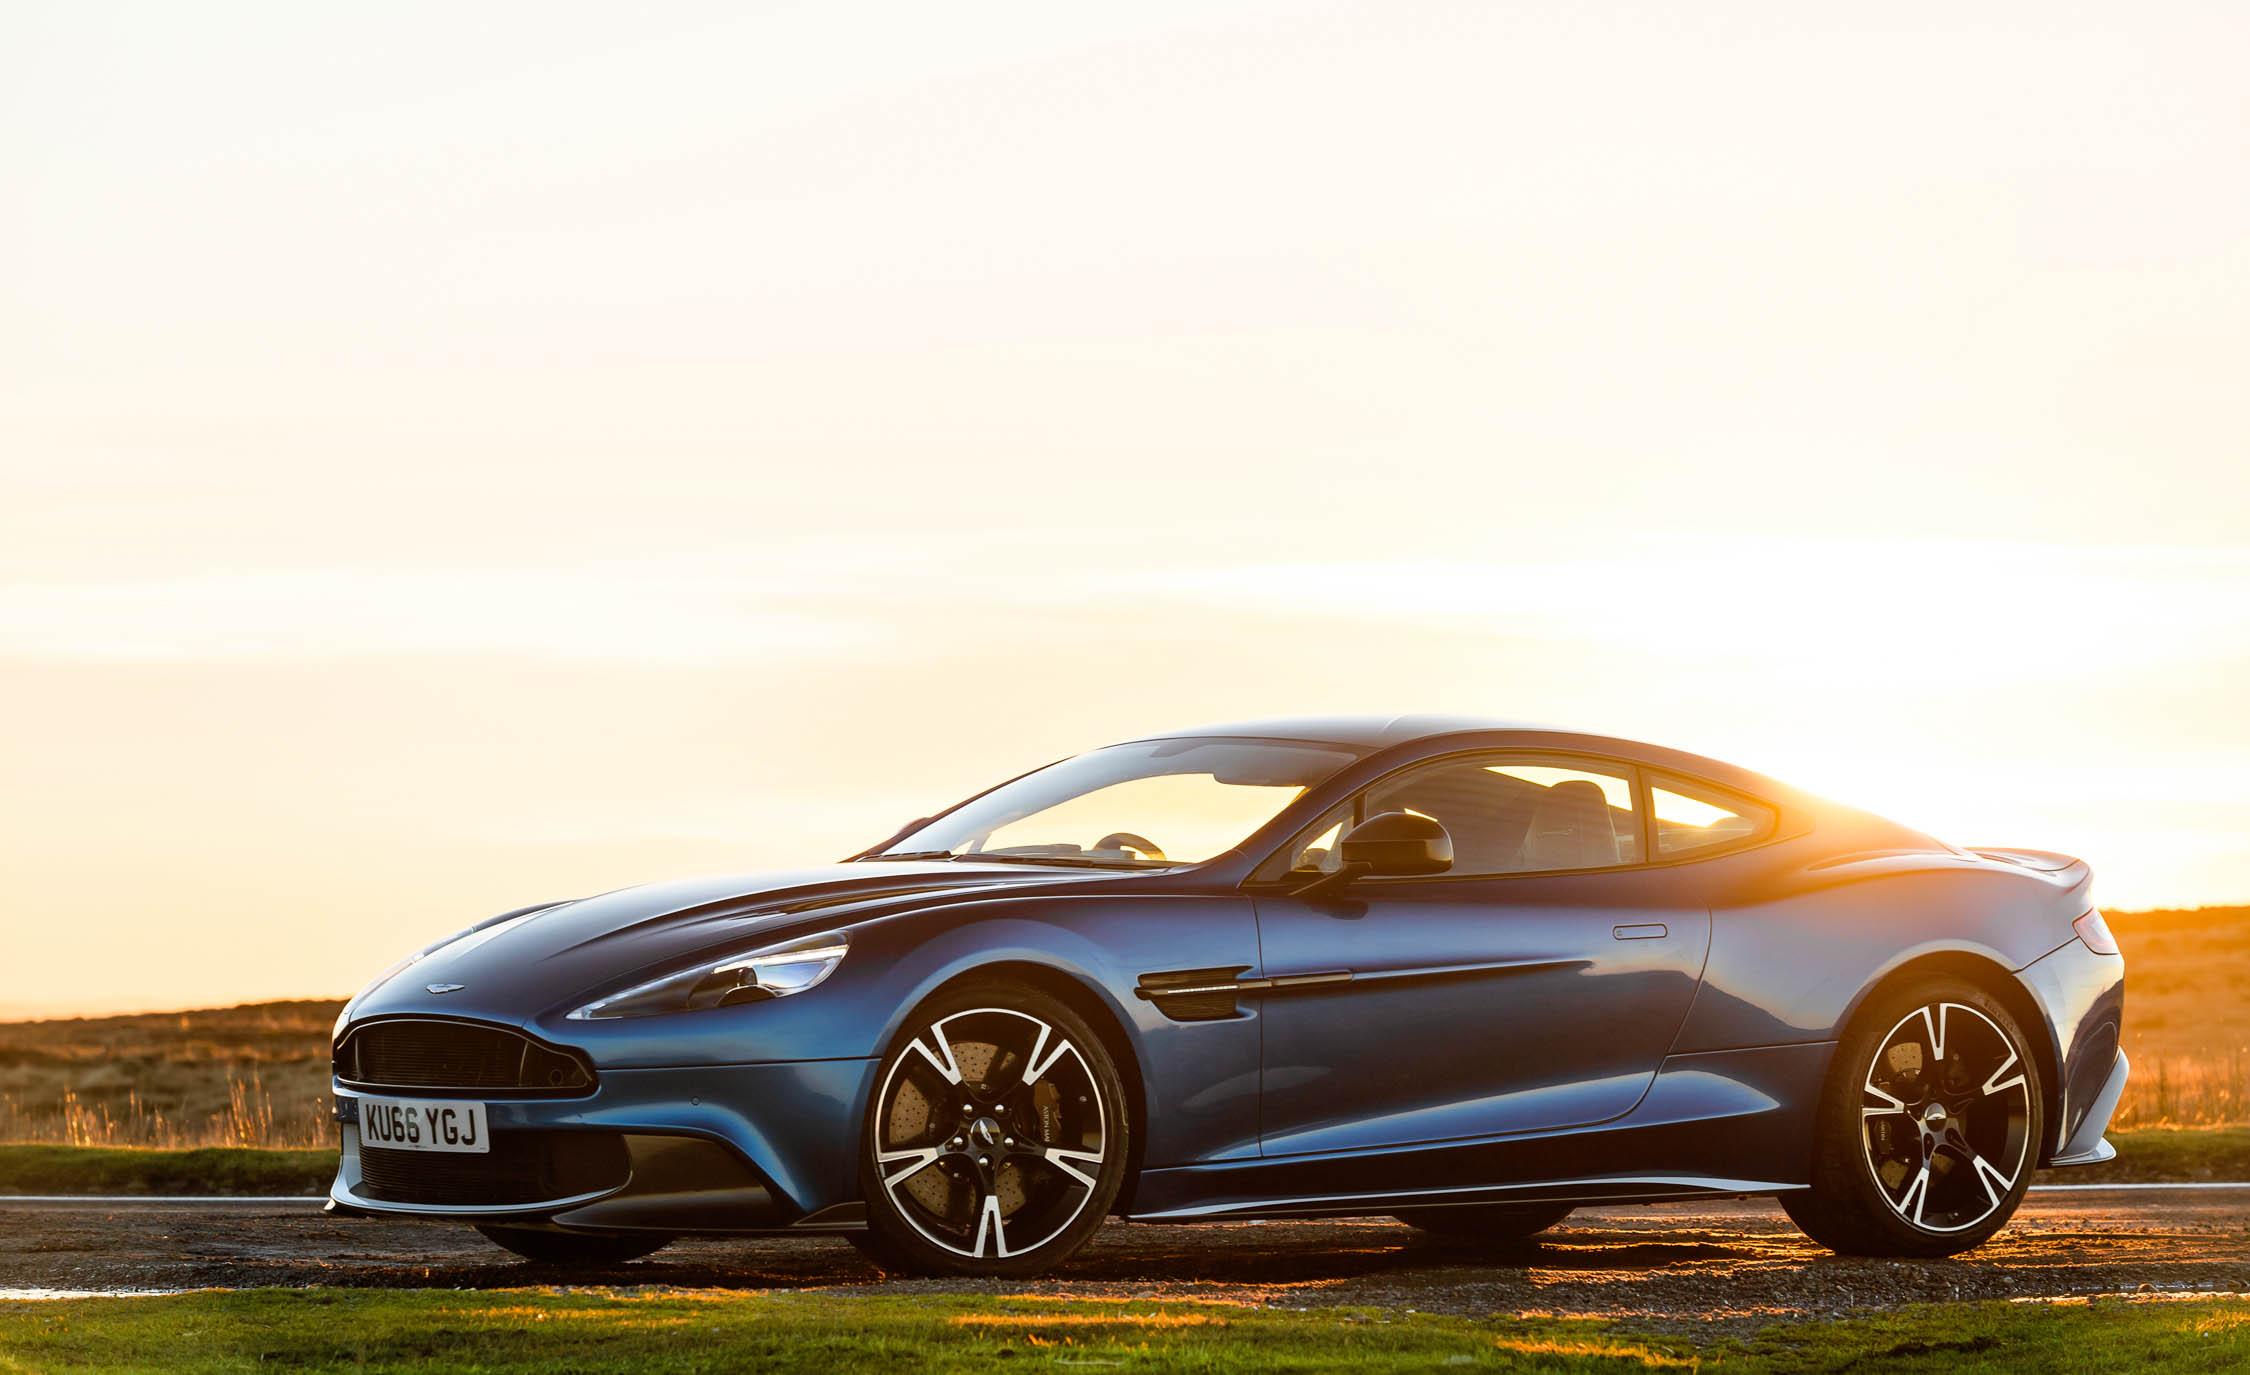 2017 Aston Martin Vanquish S (View 4 of 30)